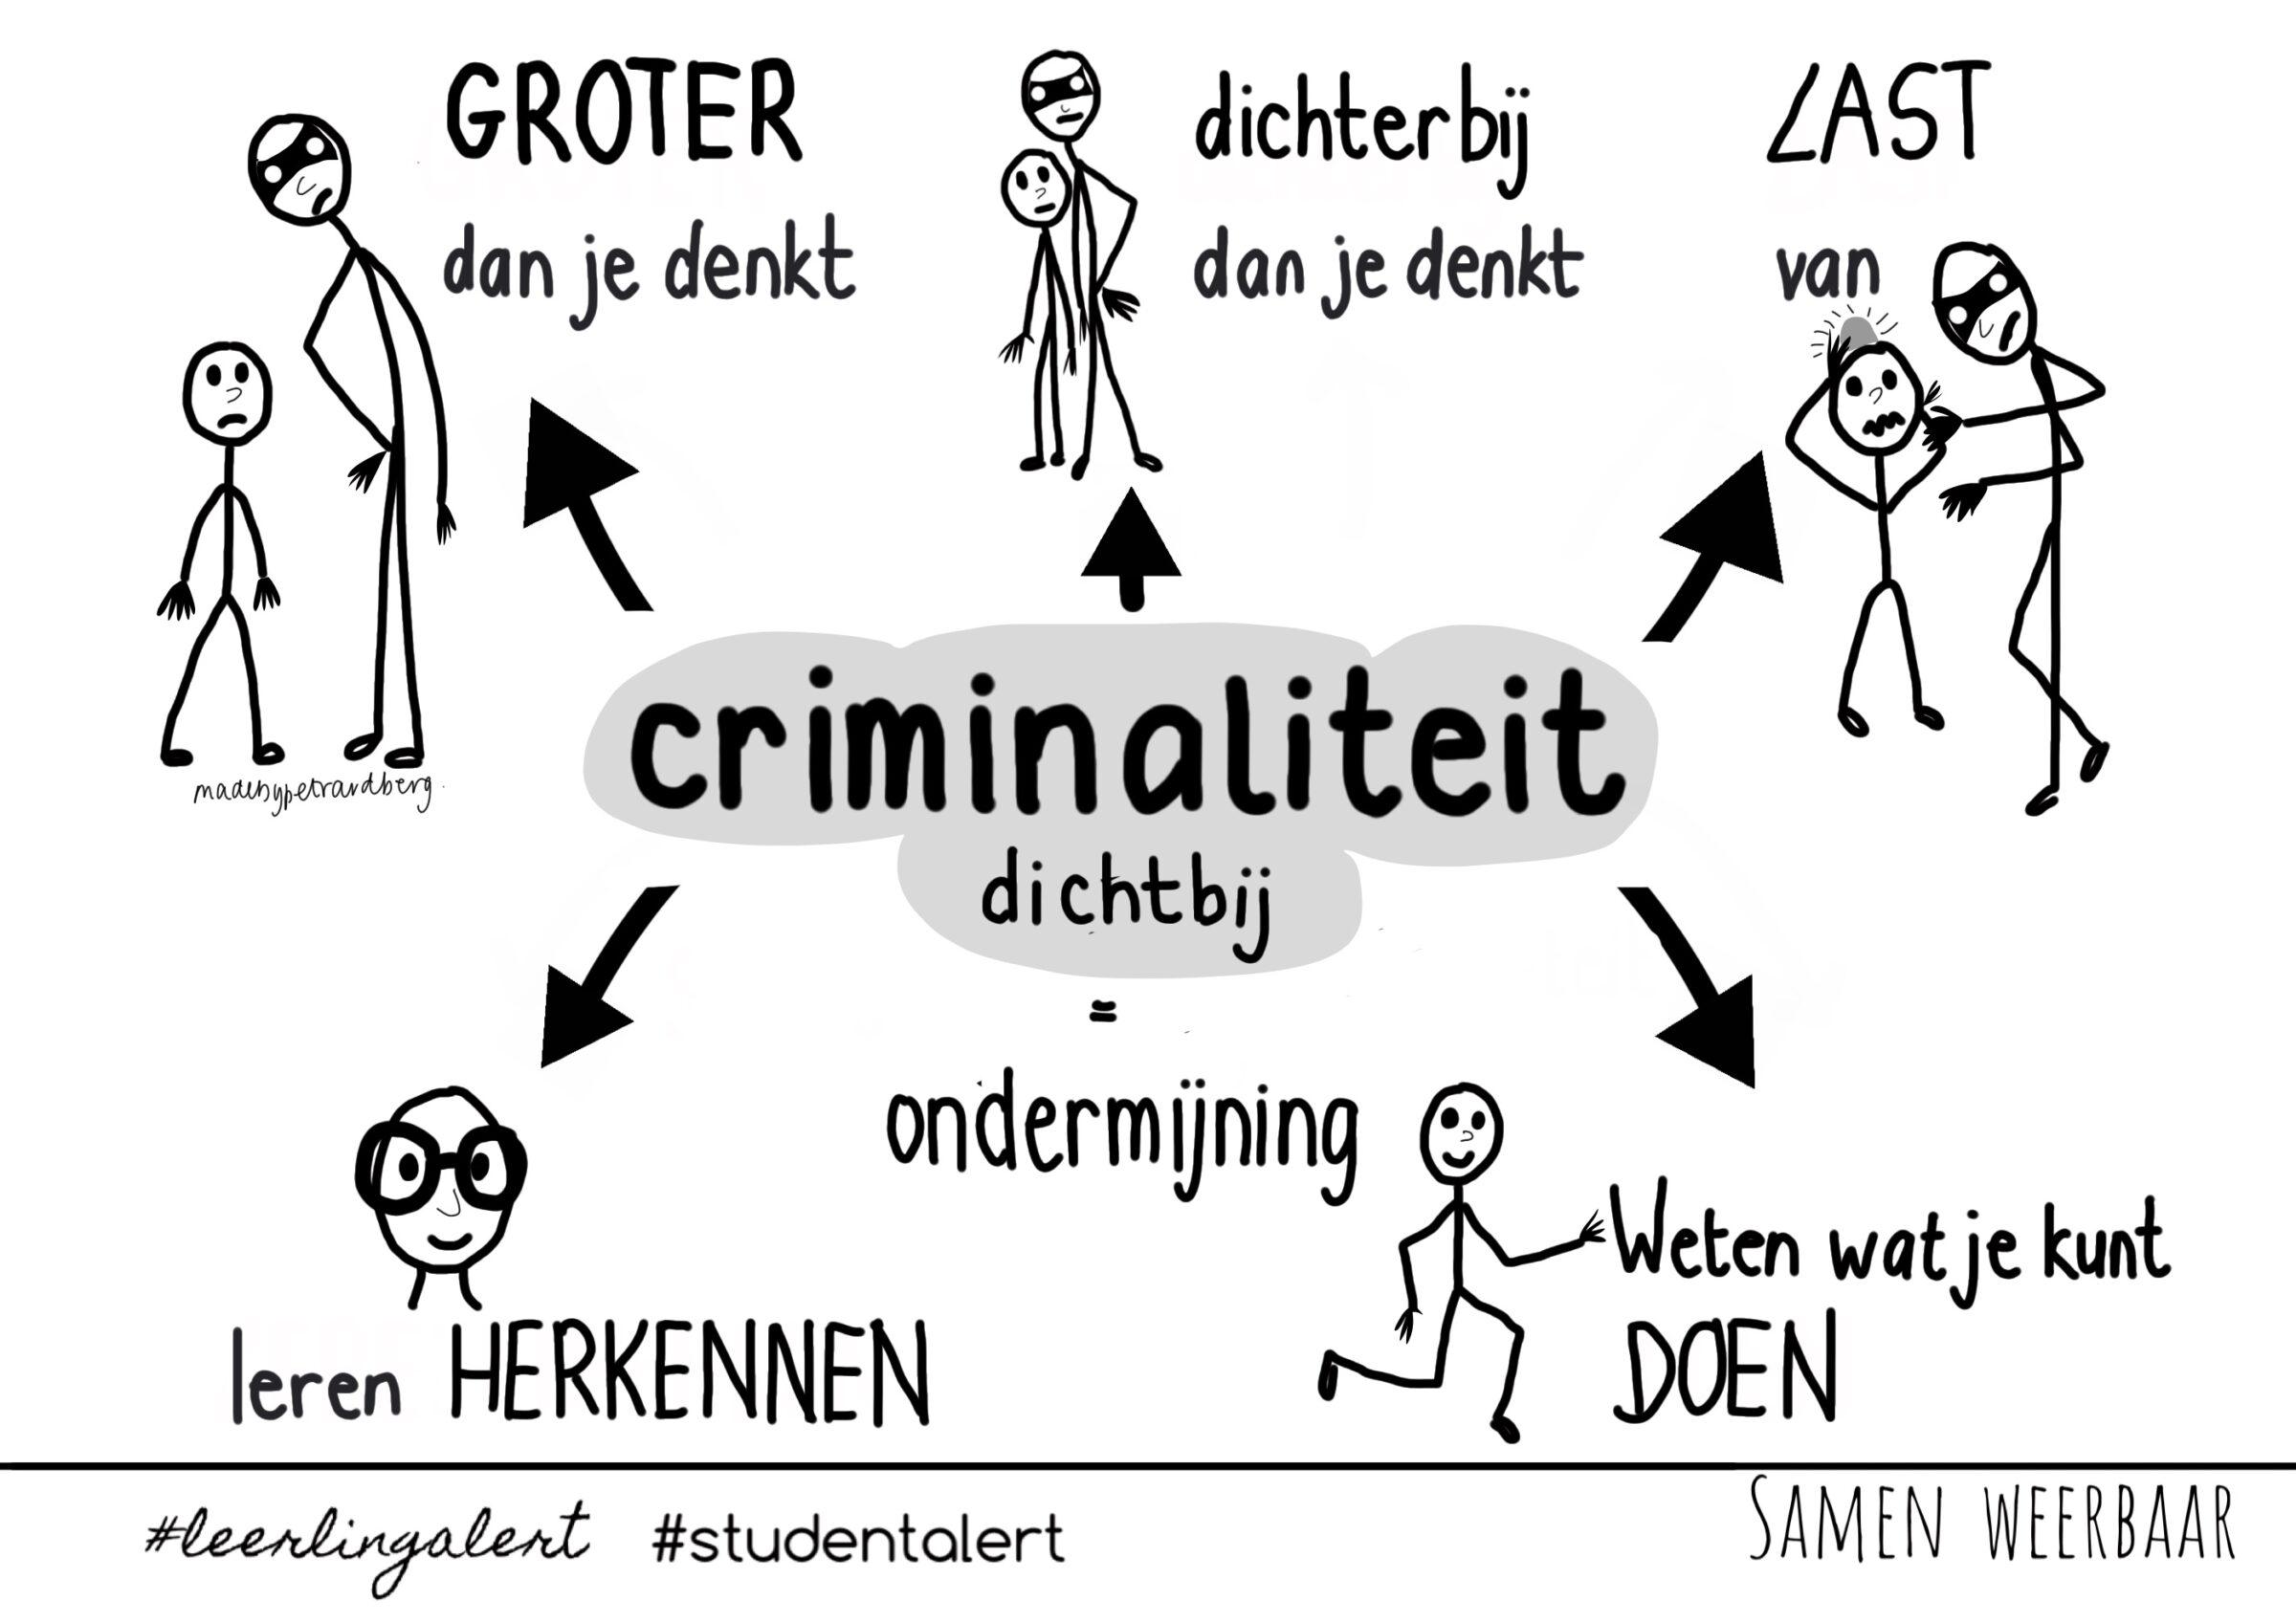 Tekening met criminaliteit als kernbegrip en de aspecten: het is groter, dichterbij dan je denkt. We hebben er last van met twee handelsperspectieven (signaleren en handelen) als mindmap in beeld gebracht